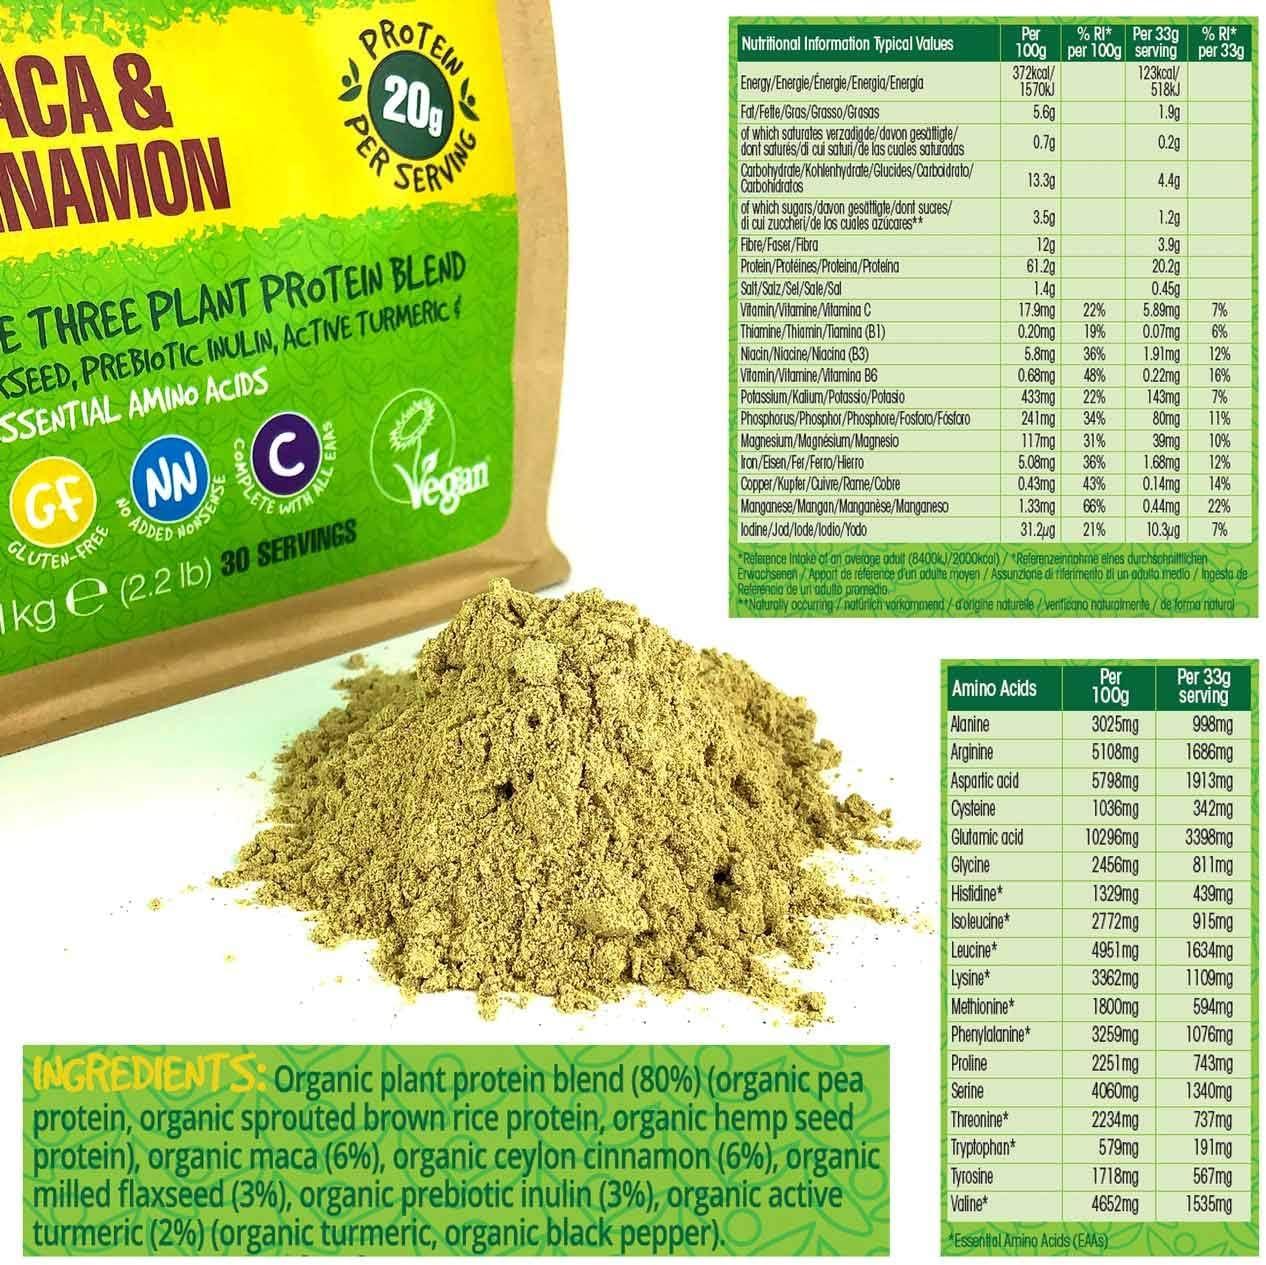 BodyMe Mezcla de Proteina Vegana Organica en Polvo | Cruda Maca ...